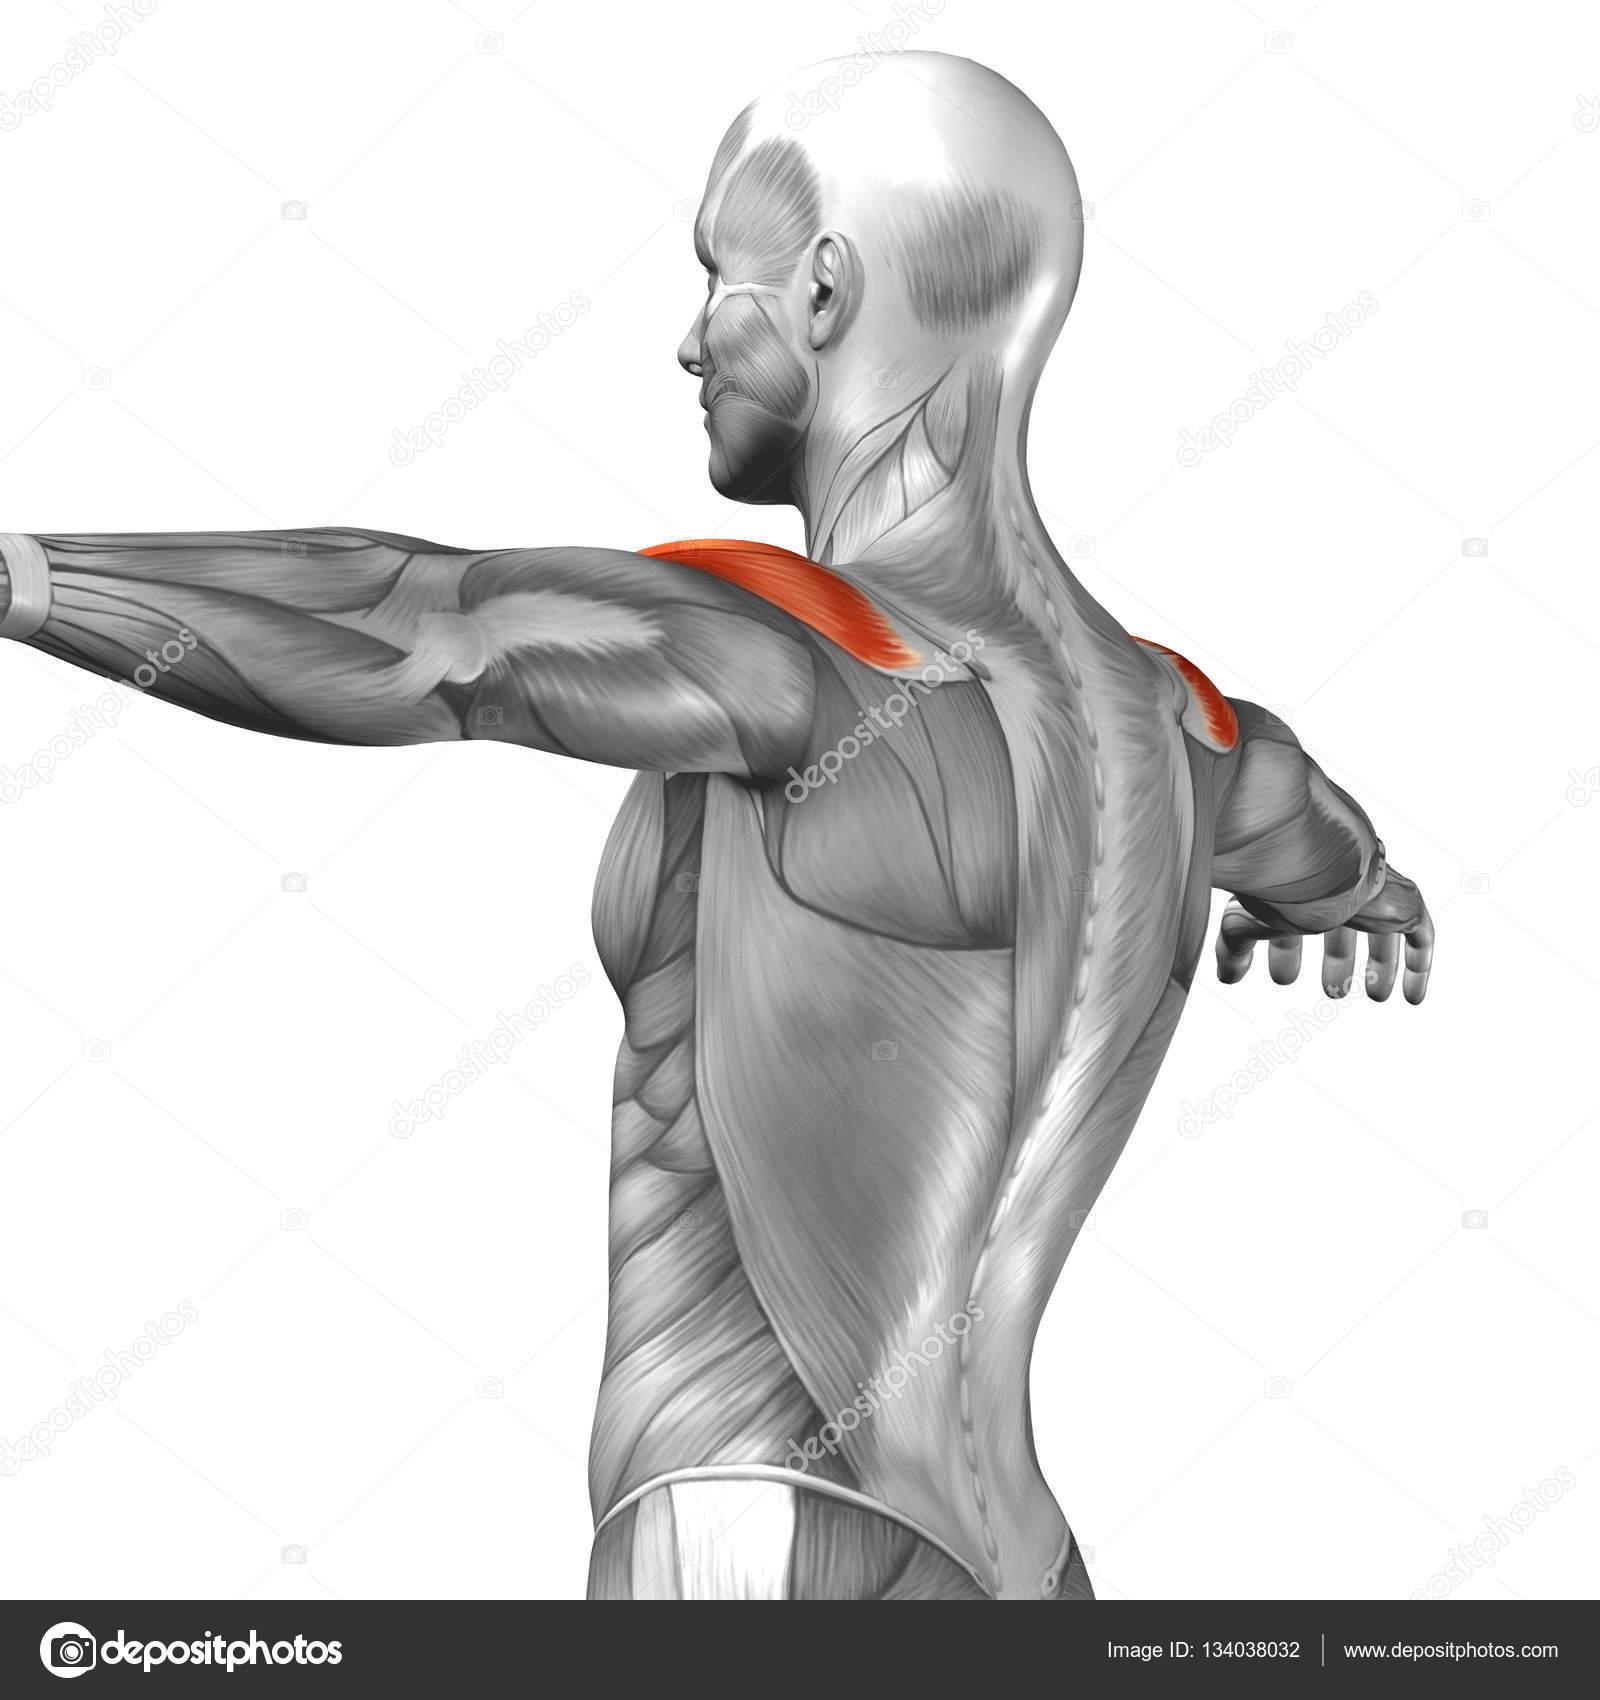 músculos del brazo humano — Fotos de Stock © design36 #134038032